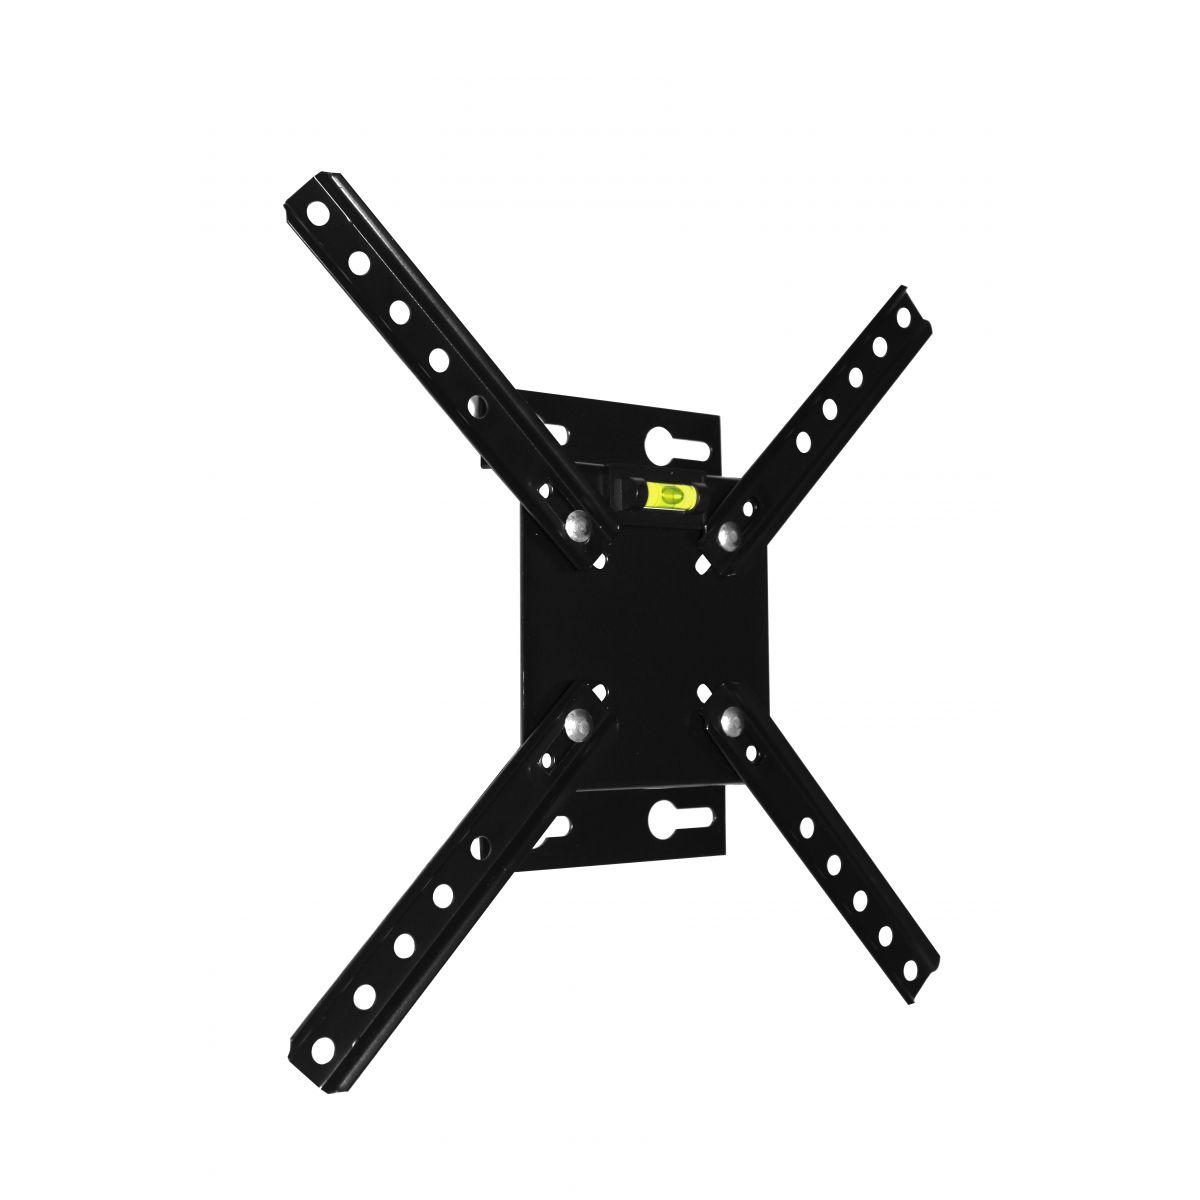 Suporte Fixo para TV LCD LED Plasma de 10´ a 40´ S1425 / SBRP100 Brasforma